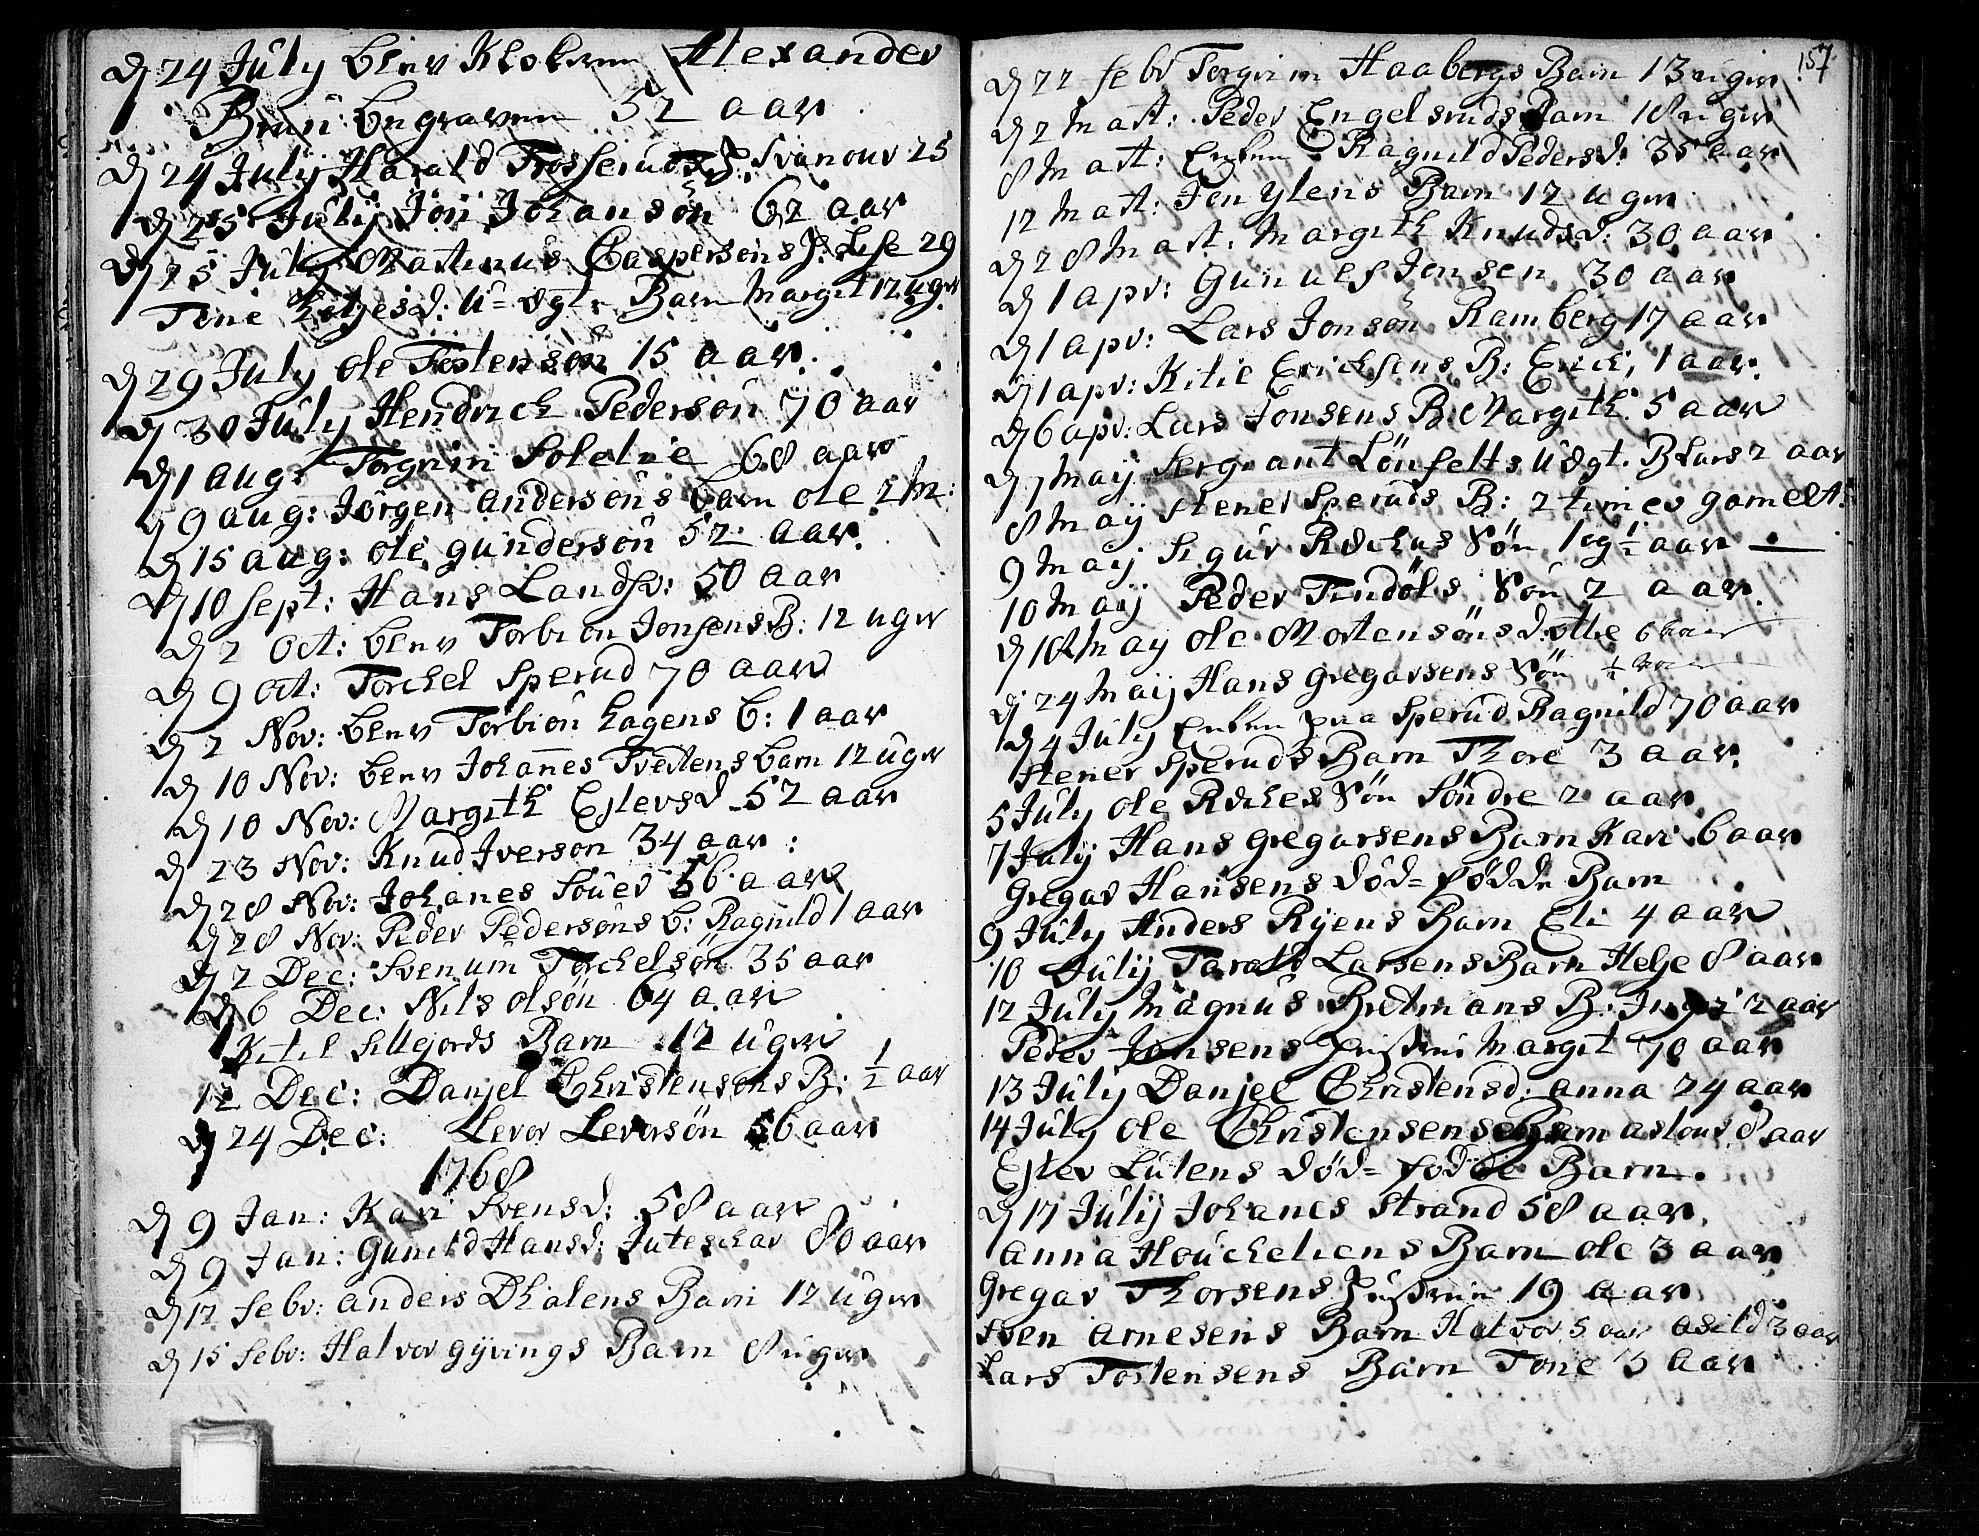 SAKO, Heddal kirkebøker, F/Fa/L0003: Ministerialbok nr. I 3, 1723-1783, s. 157